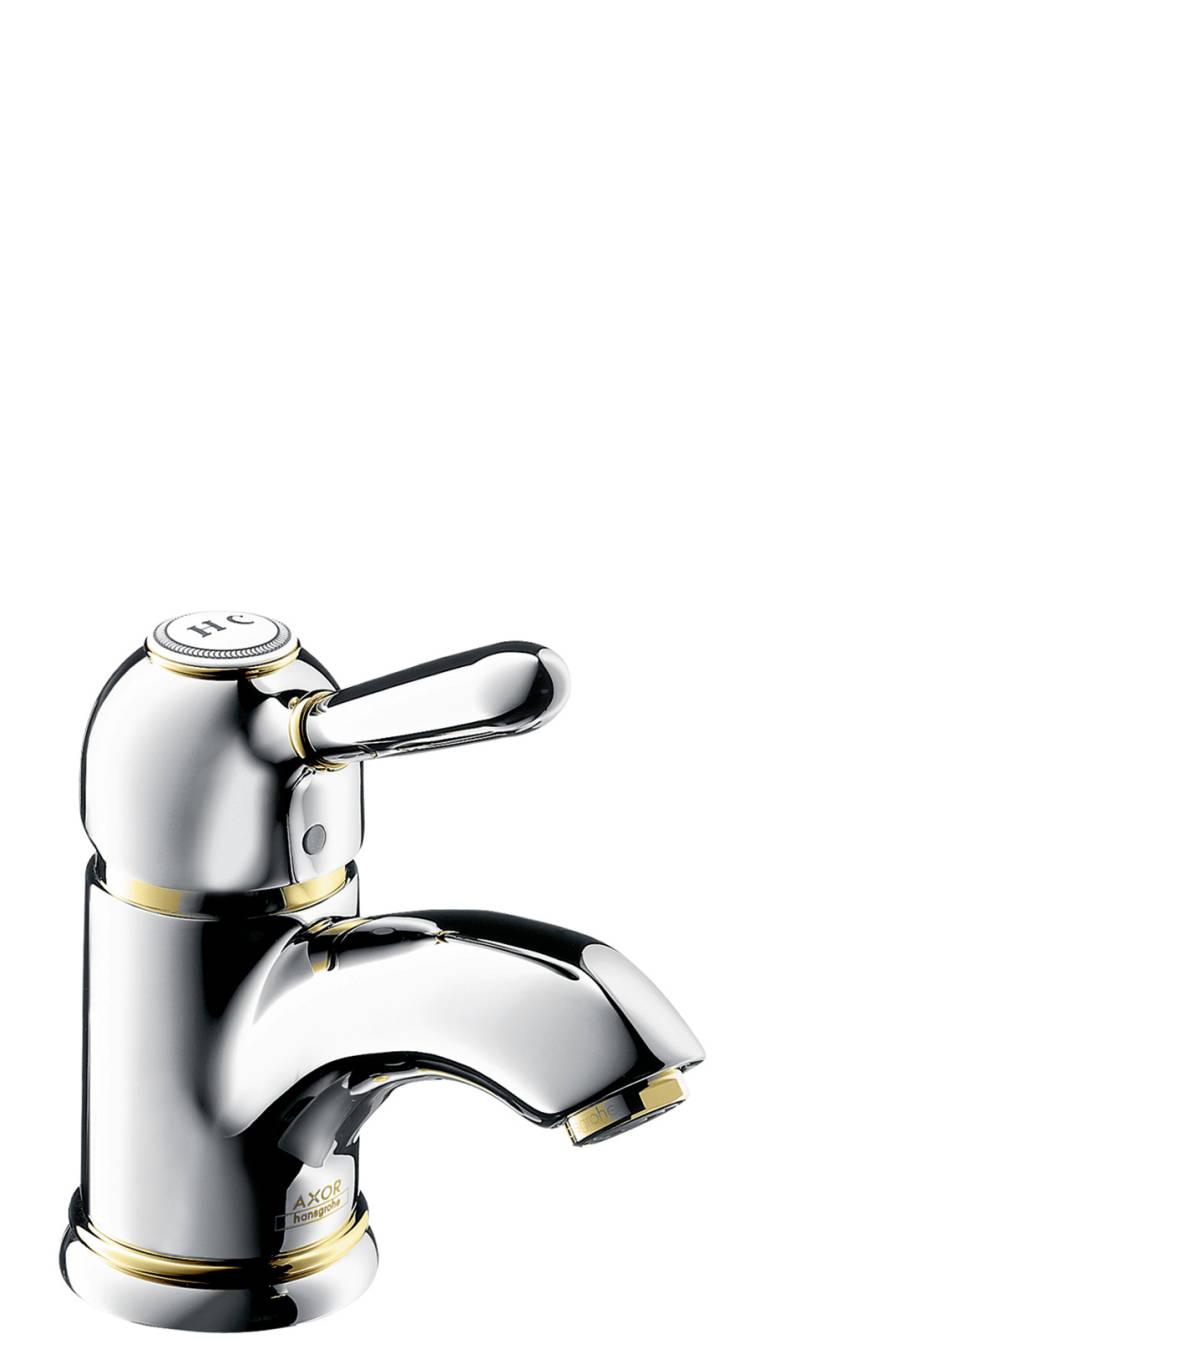 Einhebel-Waschtischmischer 70 mit Zugstangen-Ablaufgarnitur, Chrom, 17010000